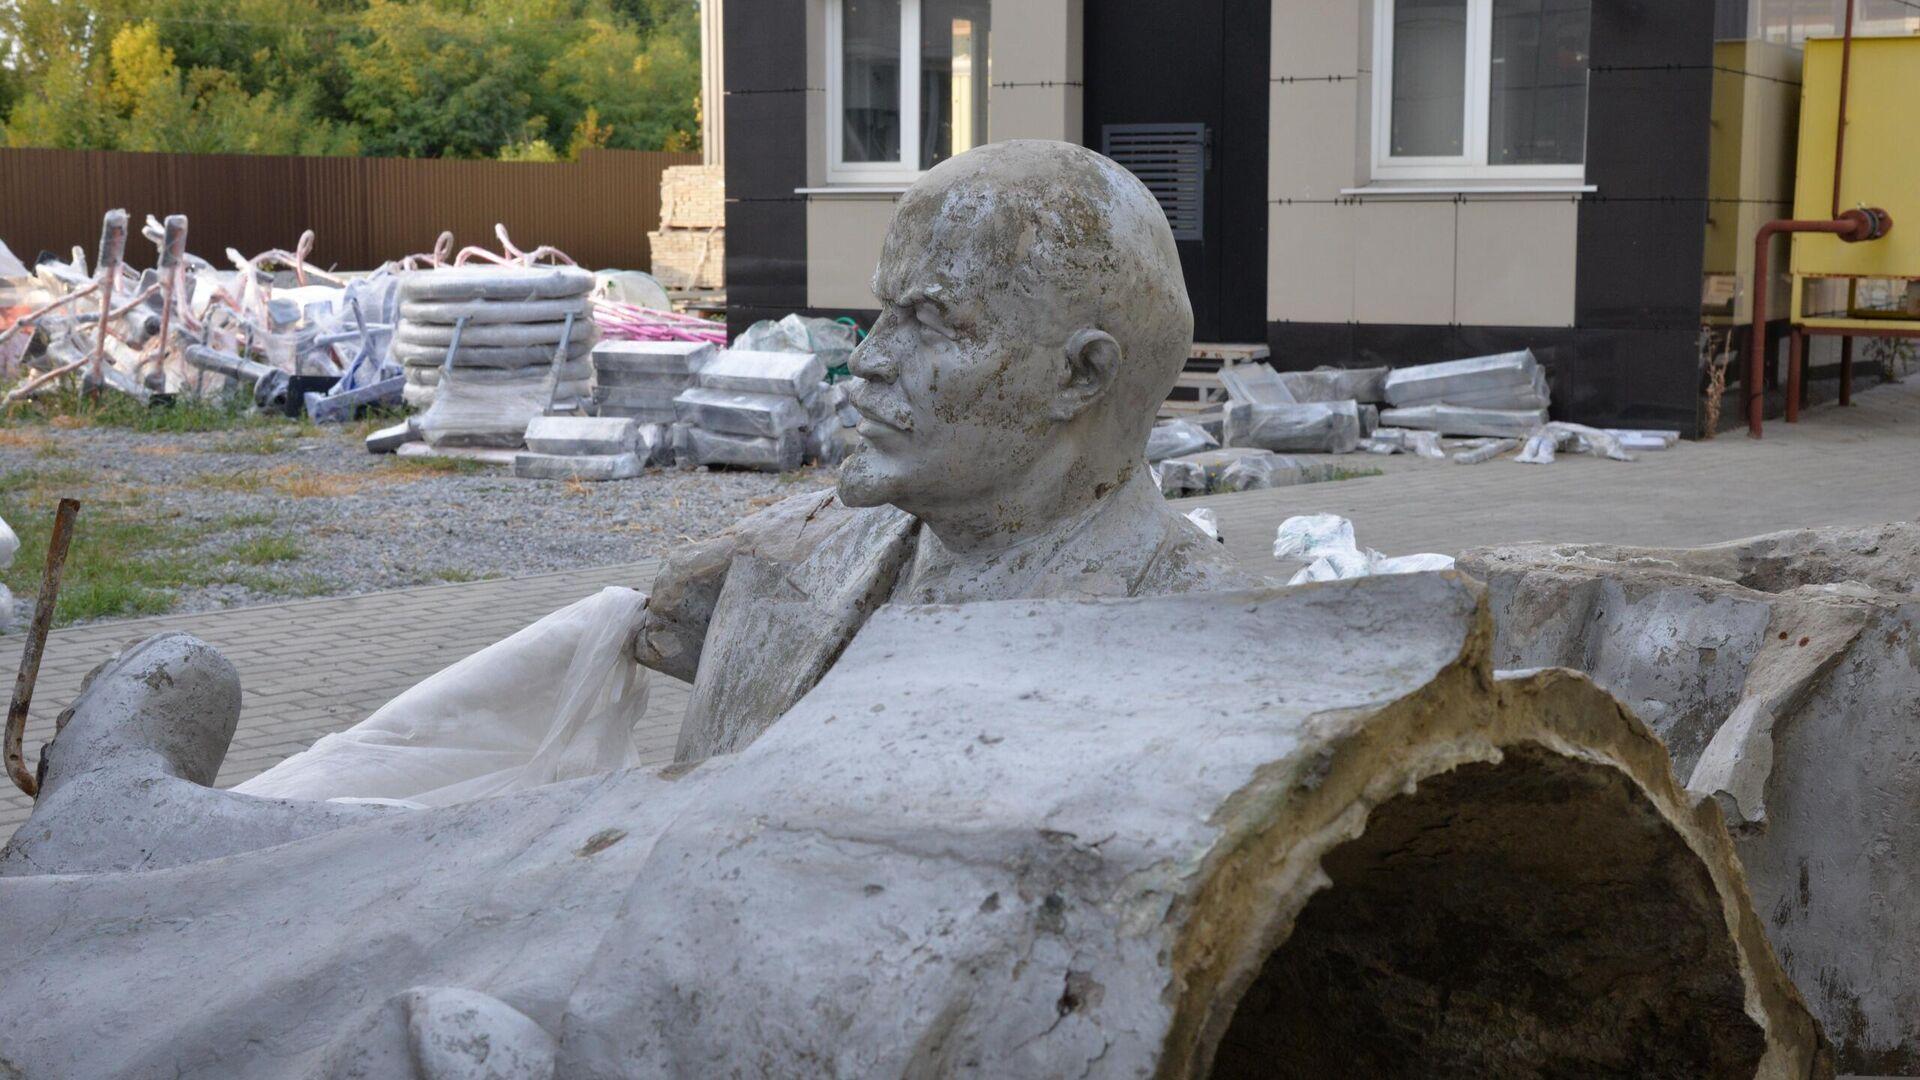 Памятник Ленину, демонтированный в Белгороде - РИА Новости, 1920, 29.09.2020